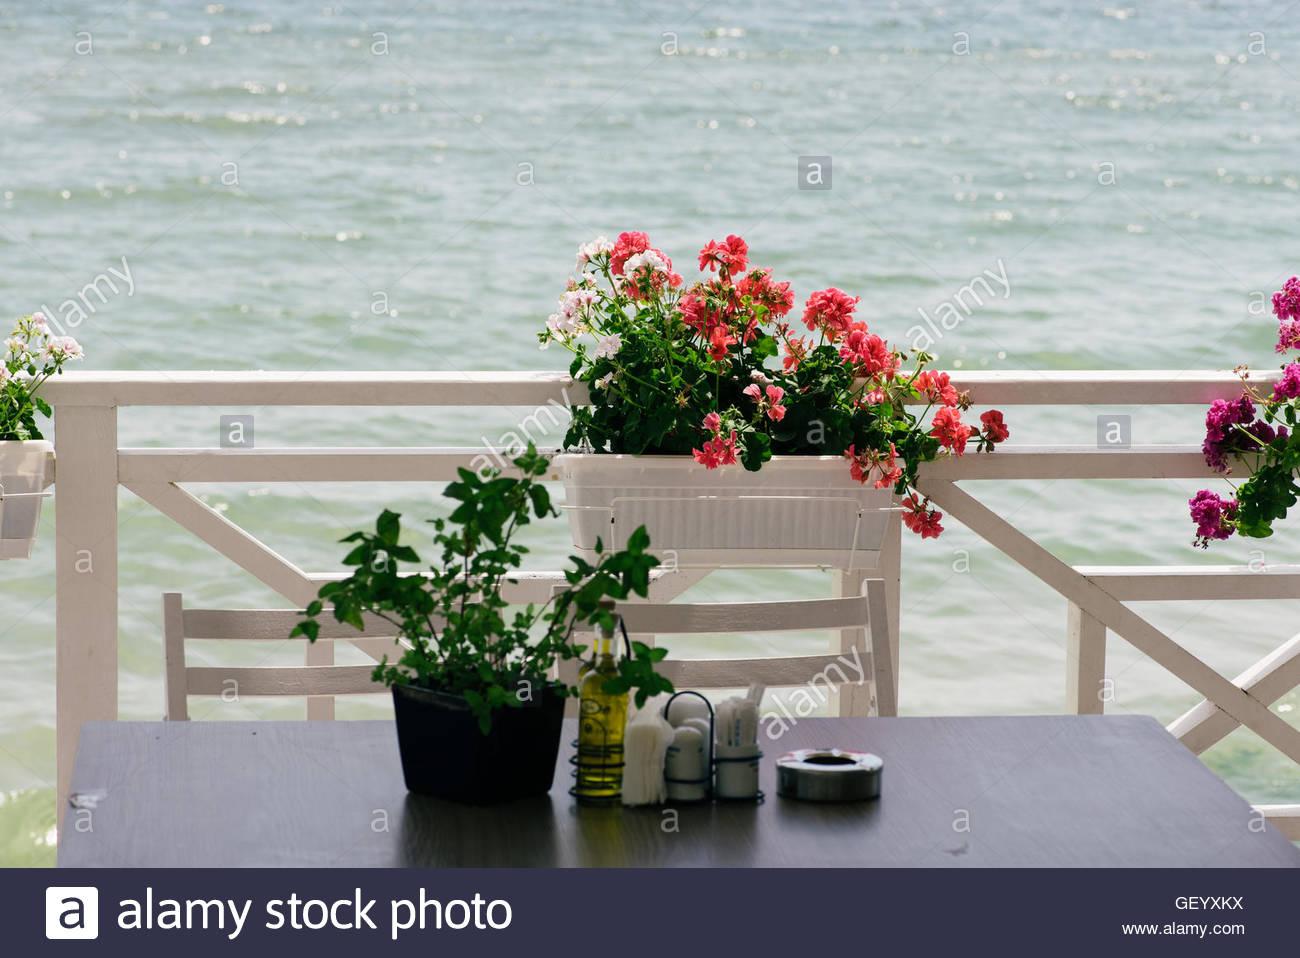 Einen Topf Mit Roten Und Weissen Blumen Auf Dem Balkon An Einem Tisch